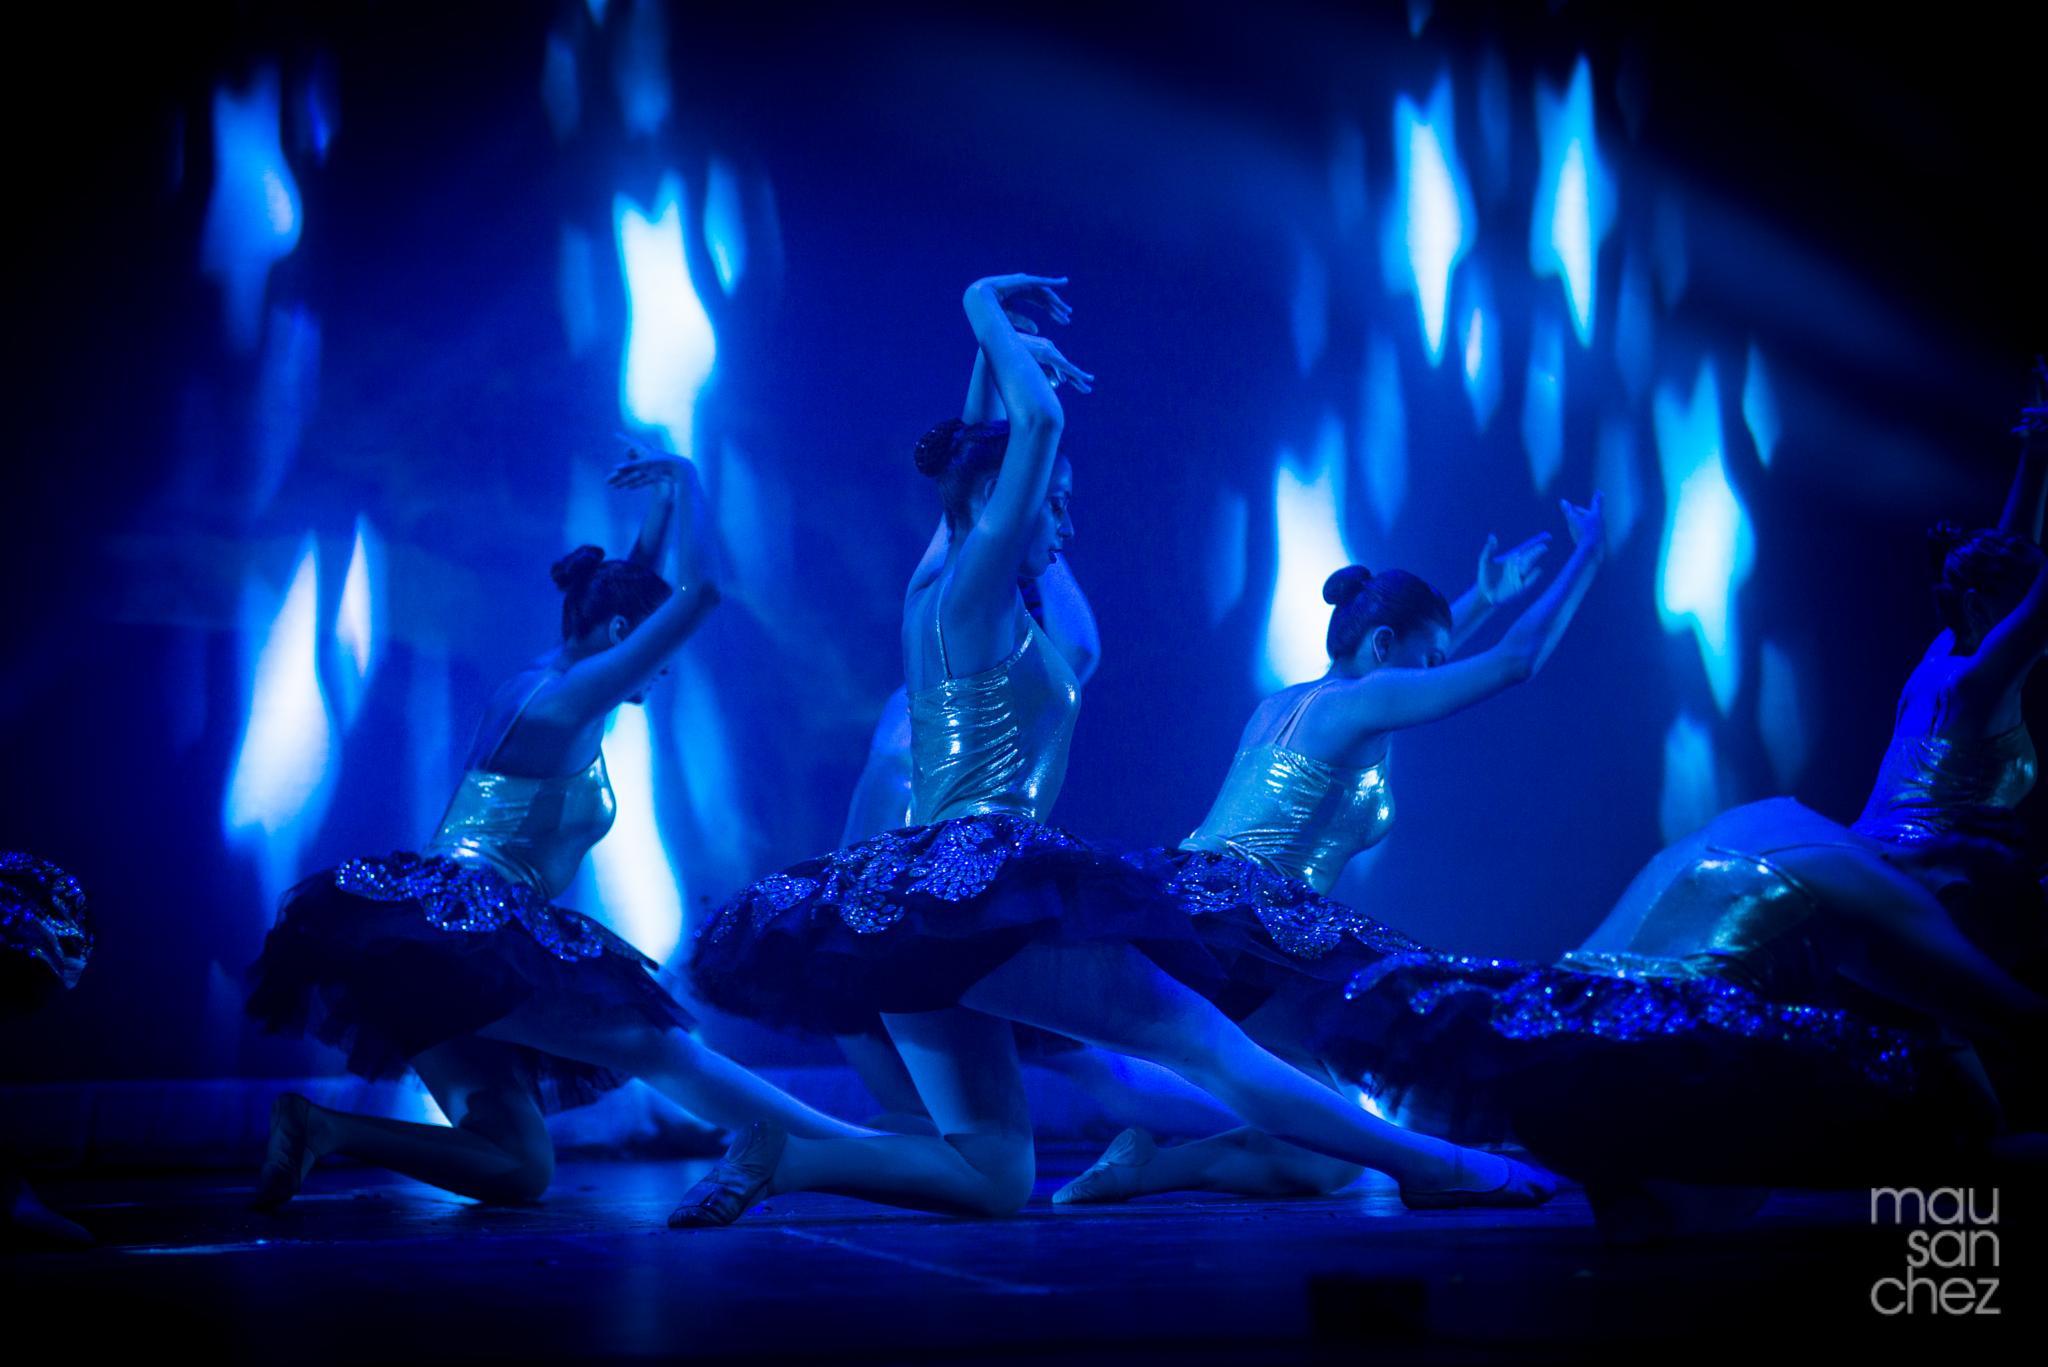 Blue night dancing by Mauricio Sanchez